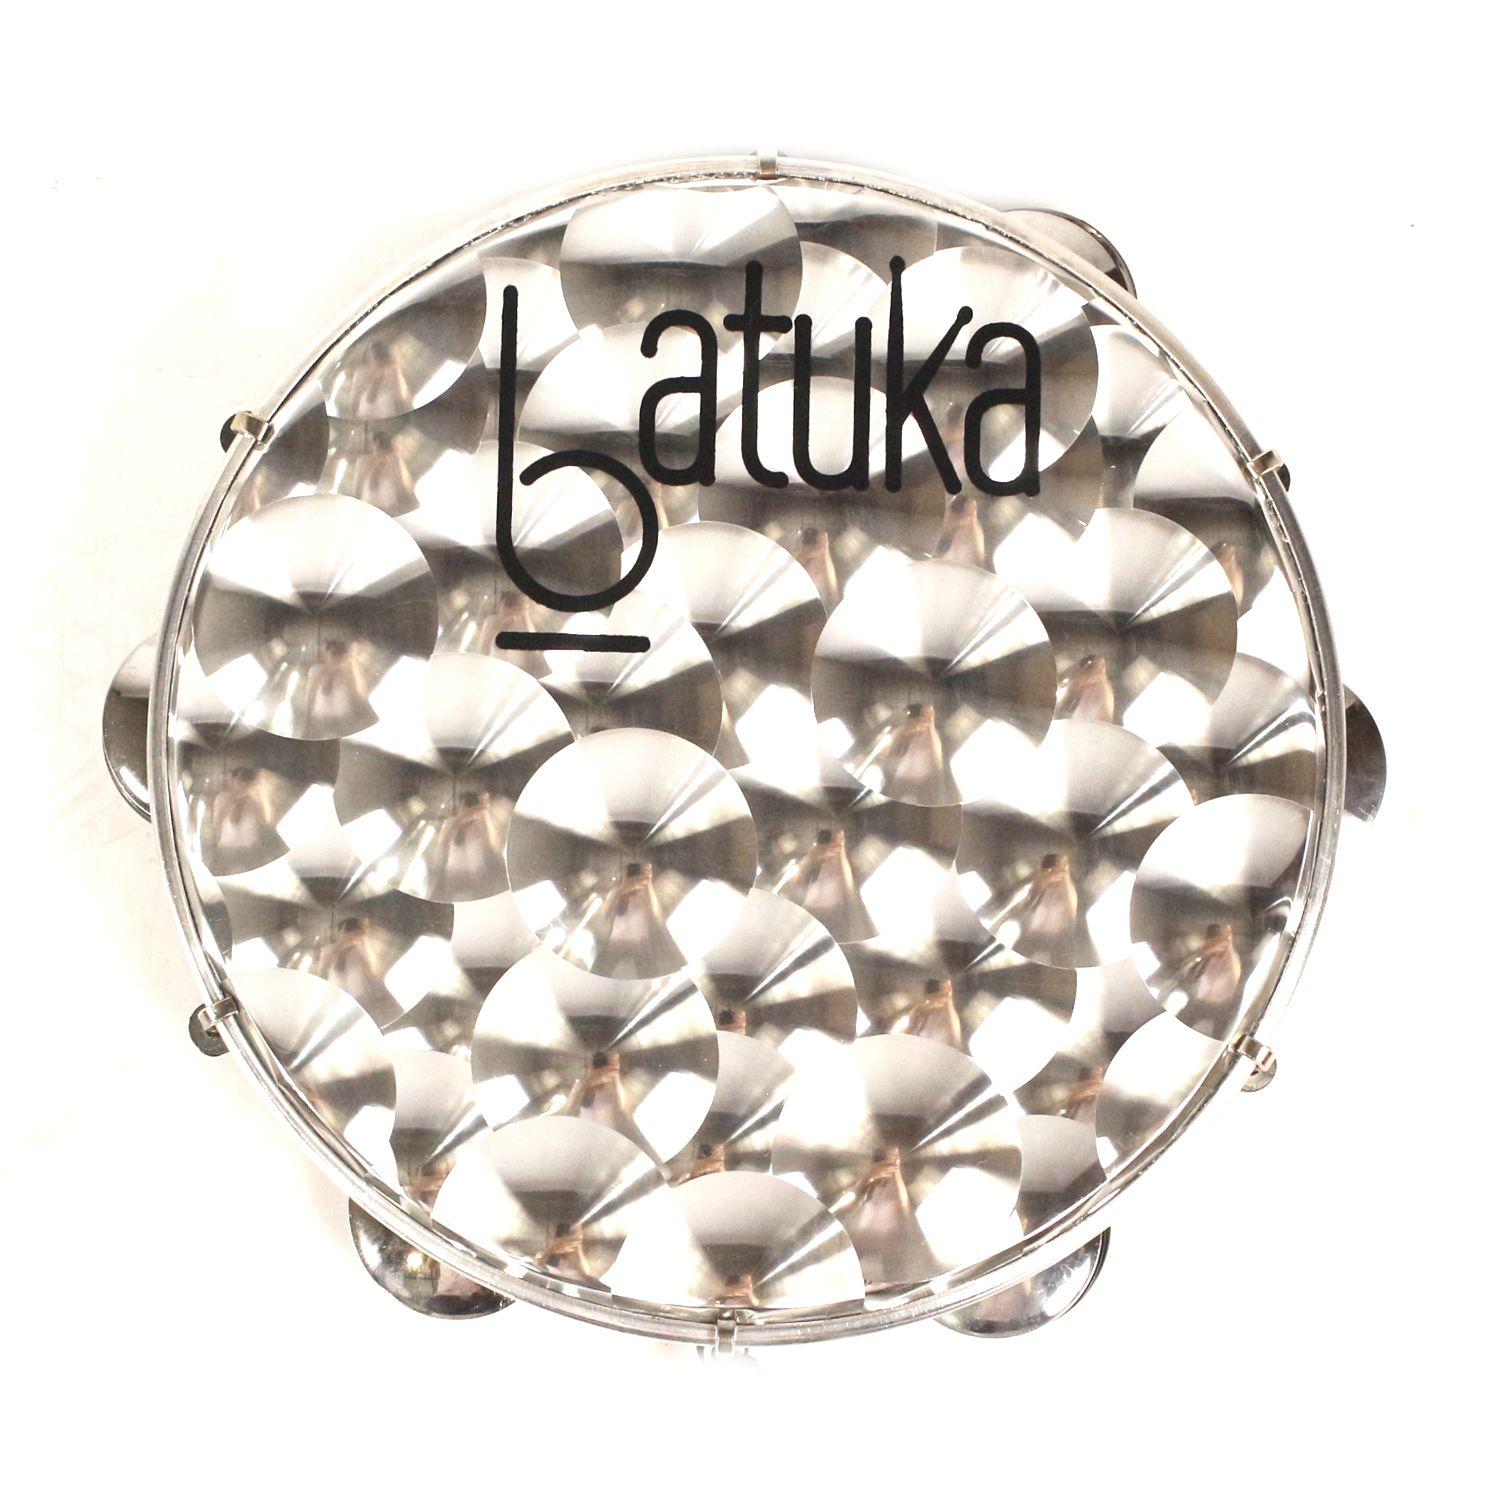 Pandeiro Batuka Luen 10 Pele 3D Holográfica Circulos  ARO ABS Preto